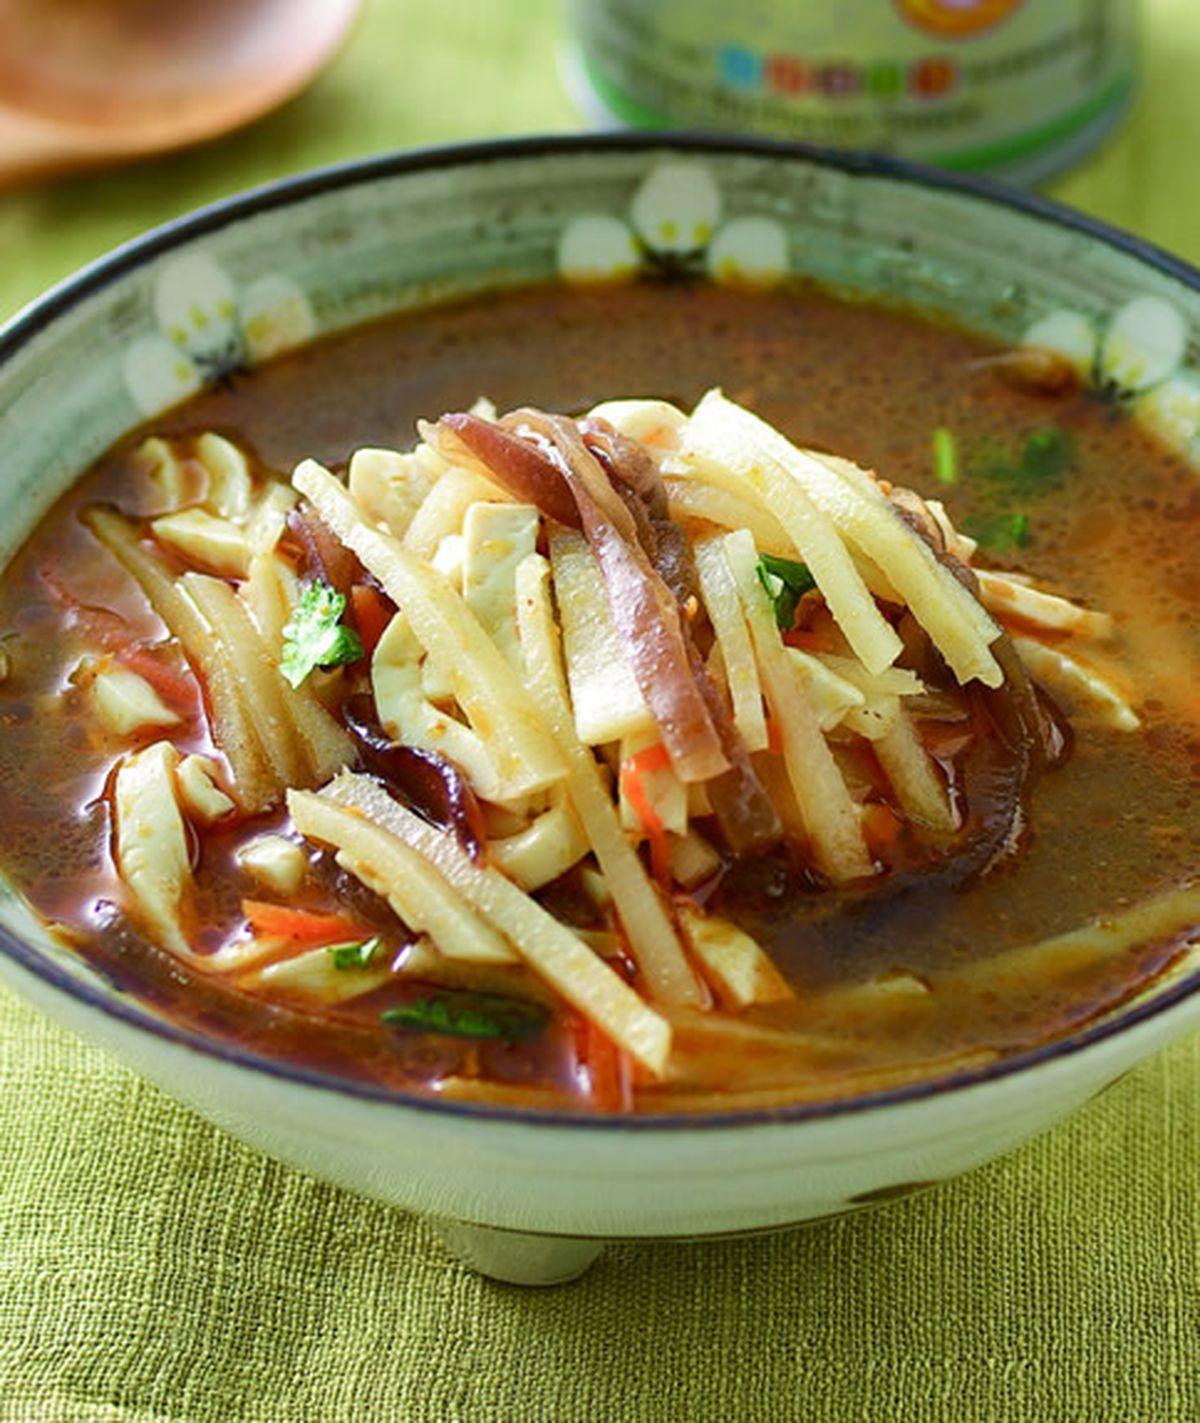 食譜:素燴三絲豆腐湯